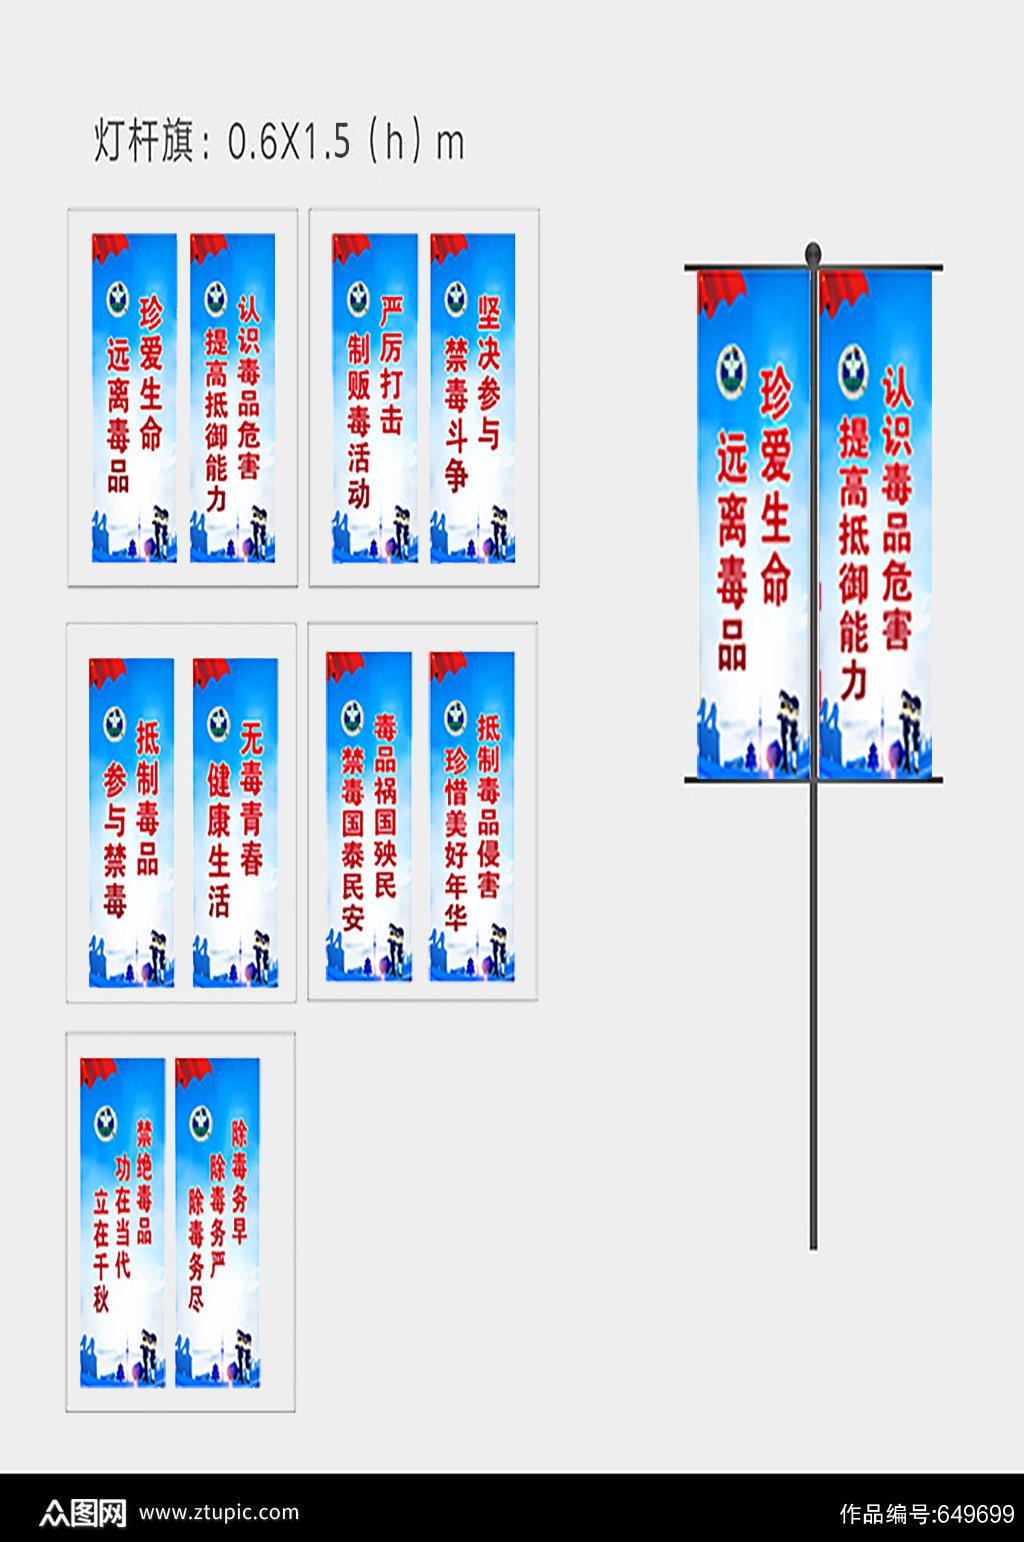 蓝色禁毒宣传一条街街道灯杆设计素材